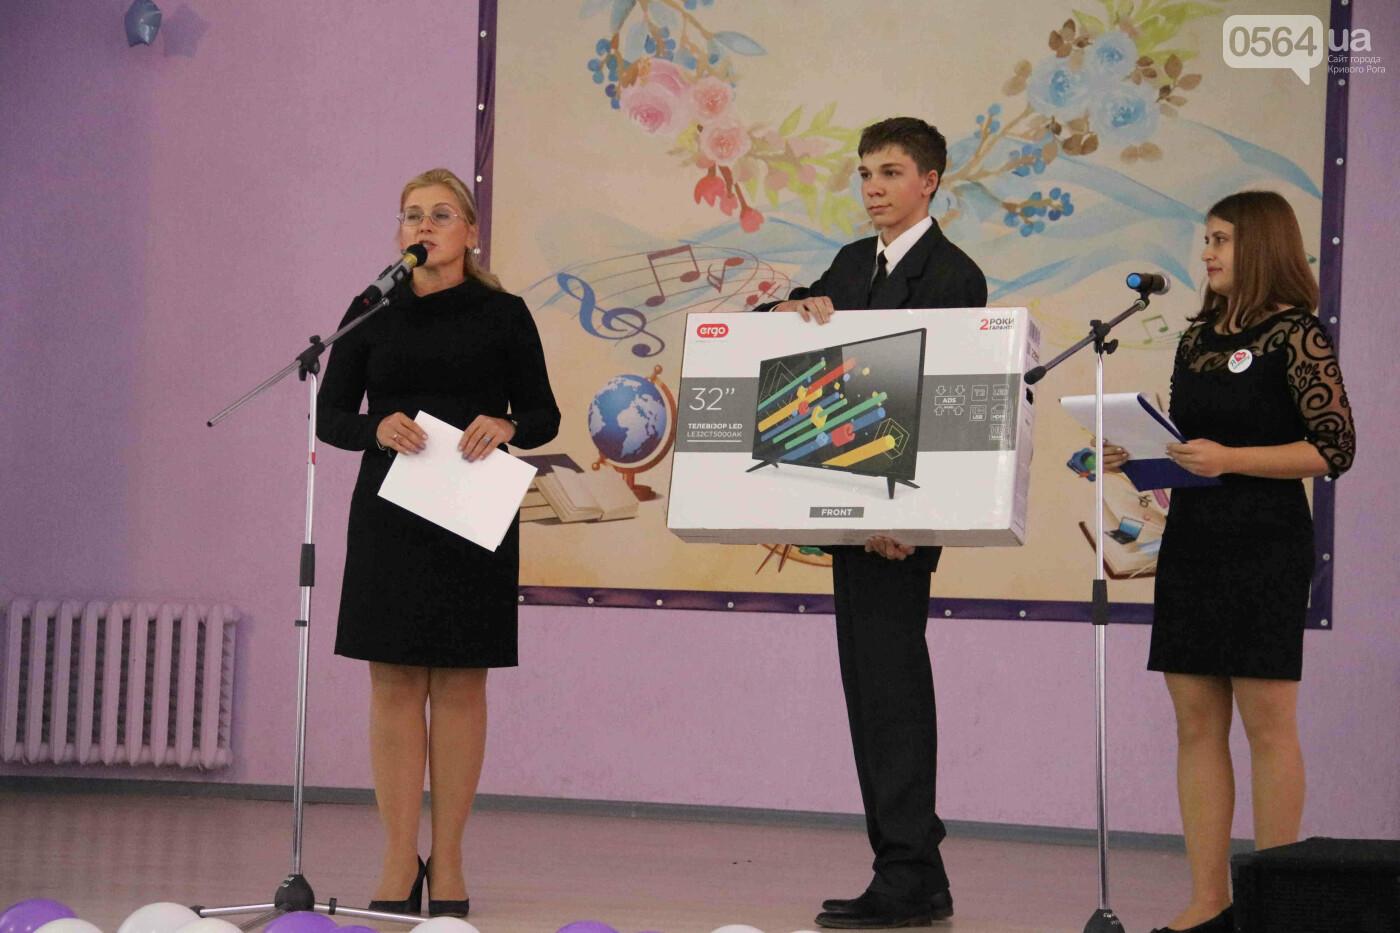 В Кривом Роге школа, где учился мэр Юрий Вилкул, отметила 100-летний юбилей, - ФОТО , фото-4